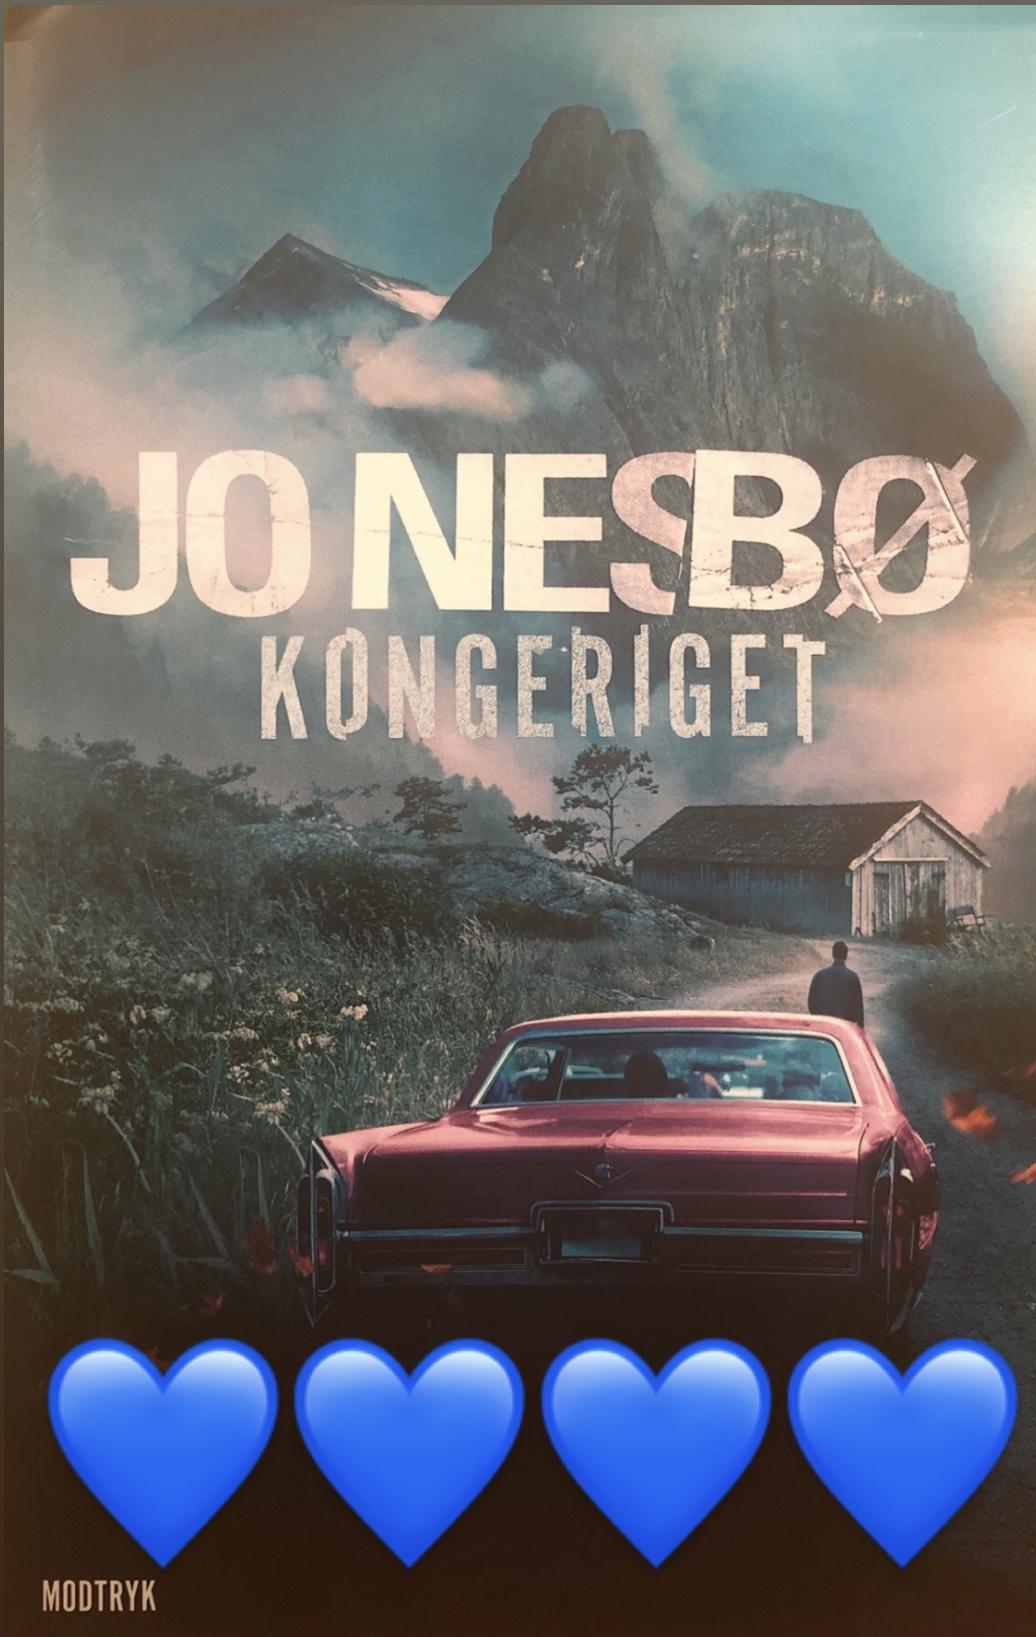 Jo Nesbø, Kongeriget, Kongeriget af Jo Nesbø, Modtryk, thriller, krimi, krummeskrummelurer, krummeskrummelurer.dk, boganmeldelse, anbefaling, anmeldereksemplar,